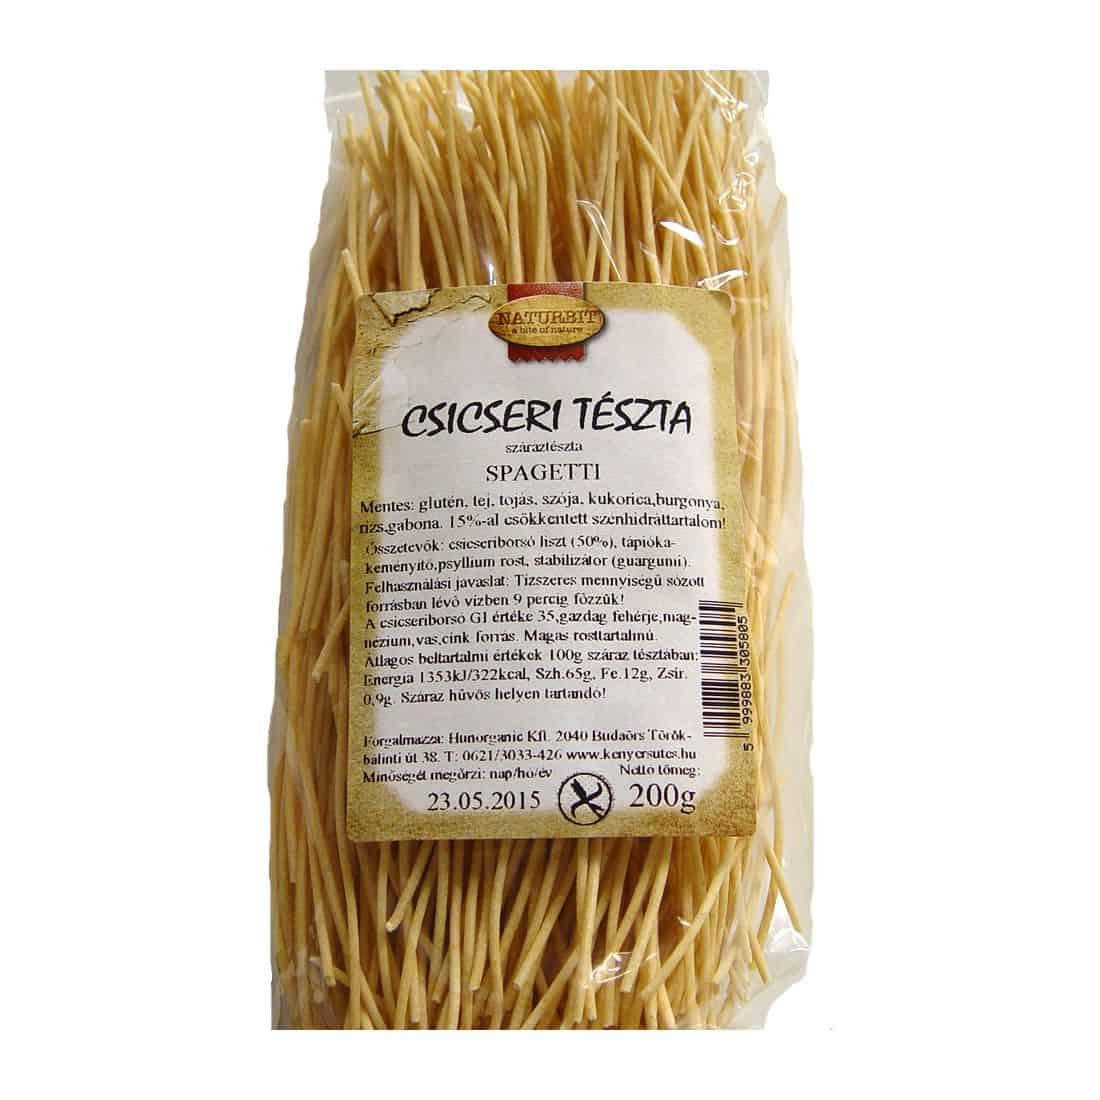 Mimen csicseri spagetti gluténmentes csicseriborsó tészta 200g